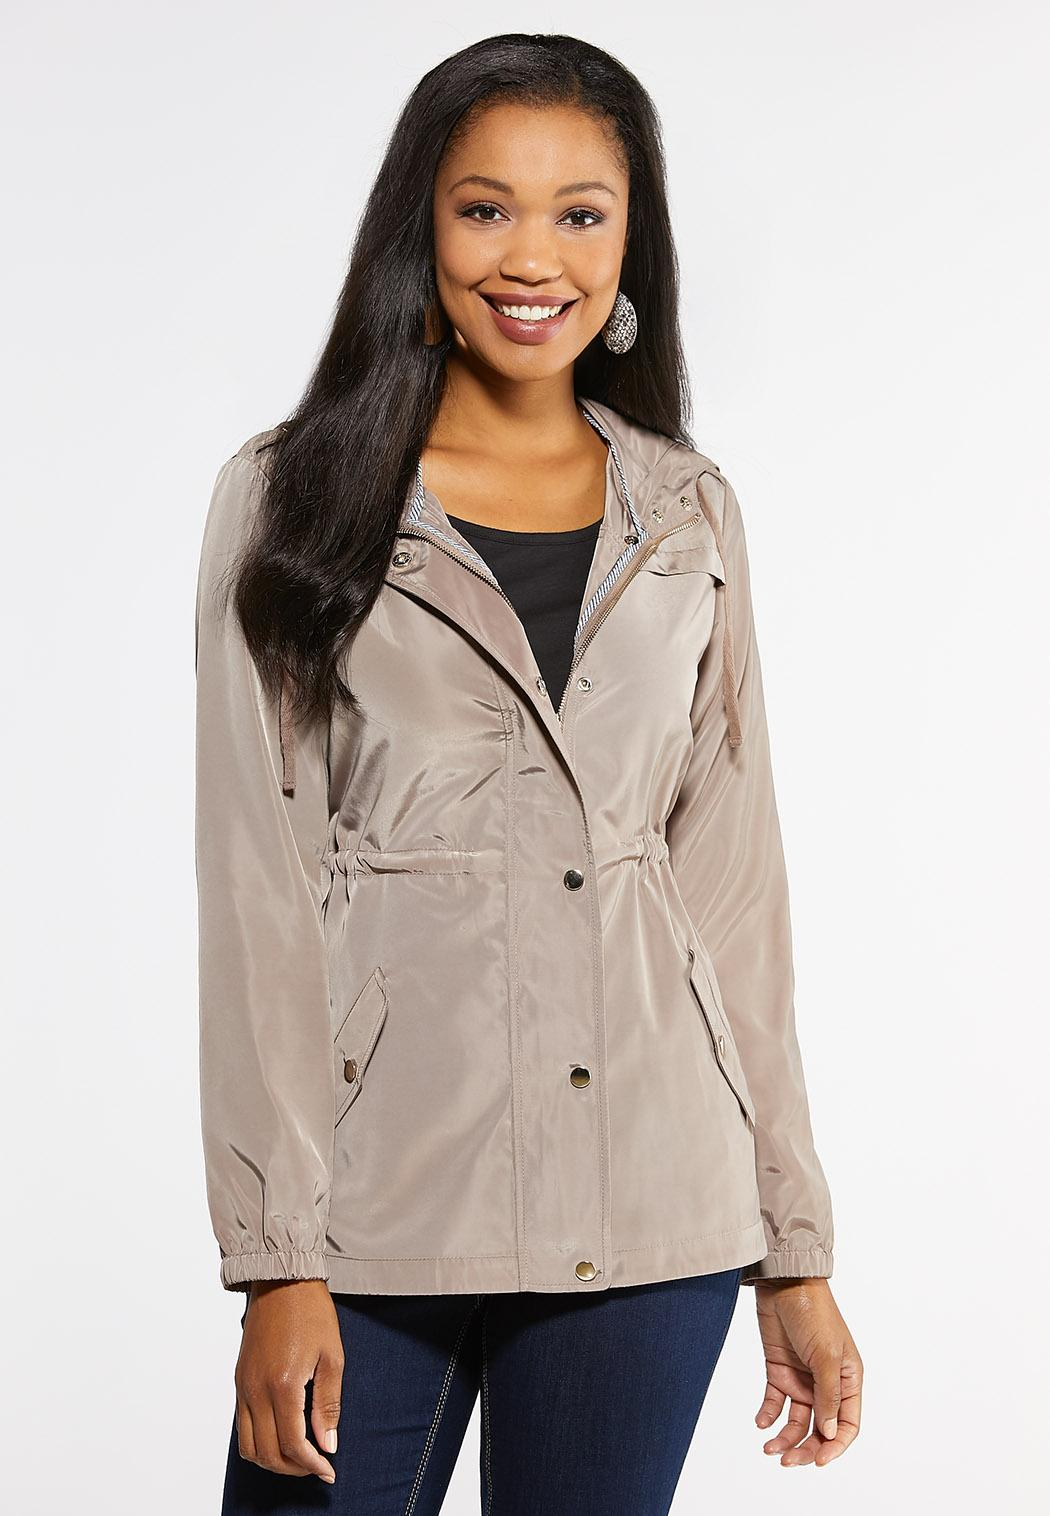 b2a986c87917a Women's Jackets & Vests